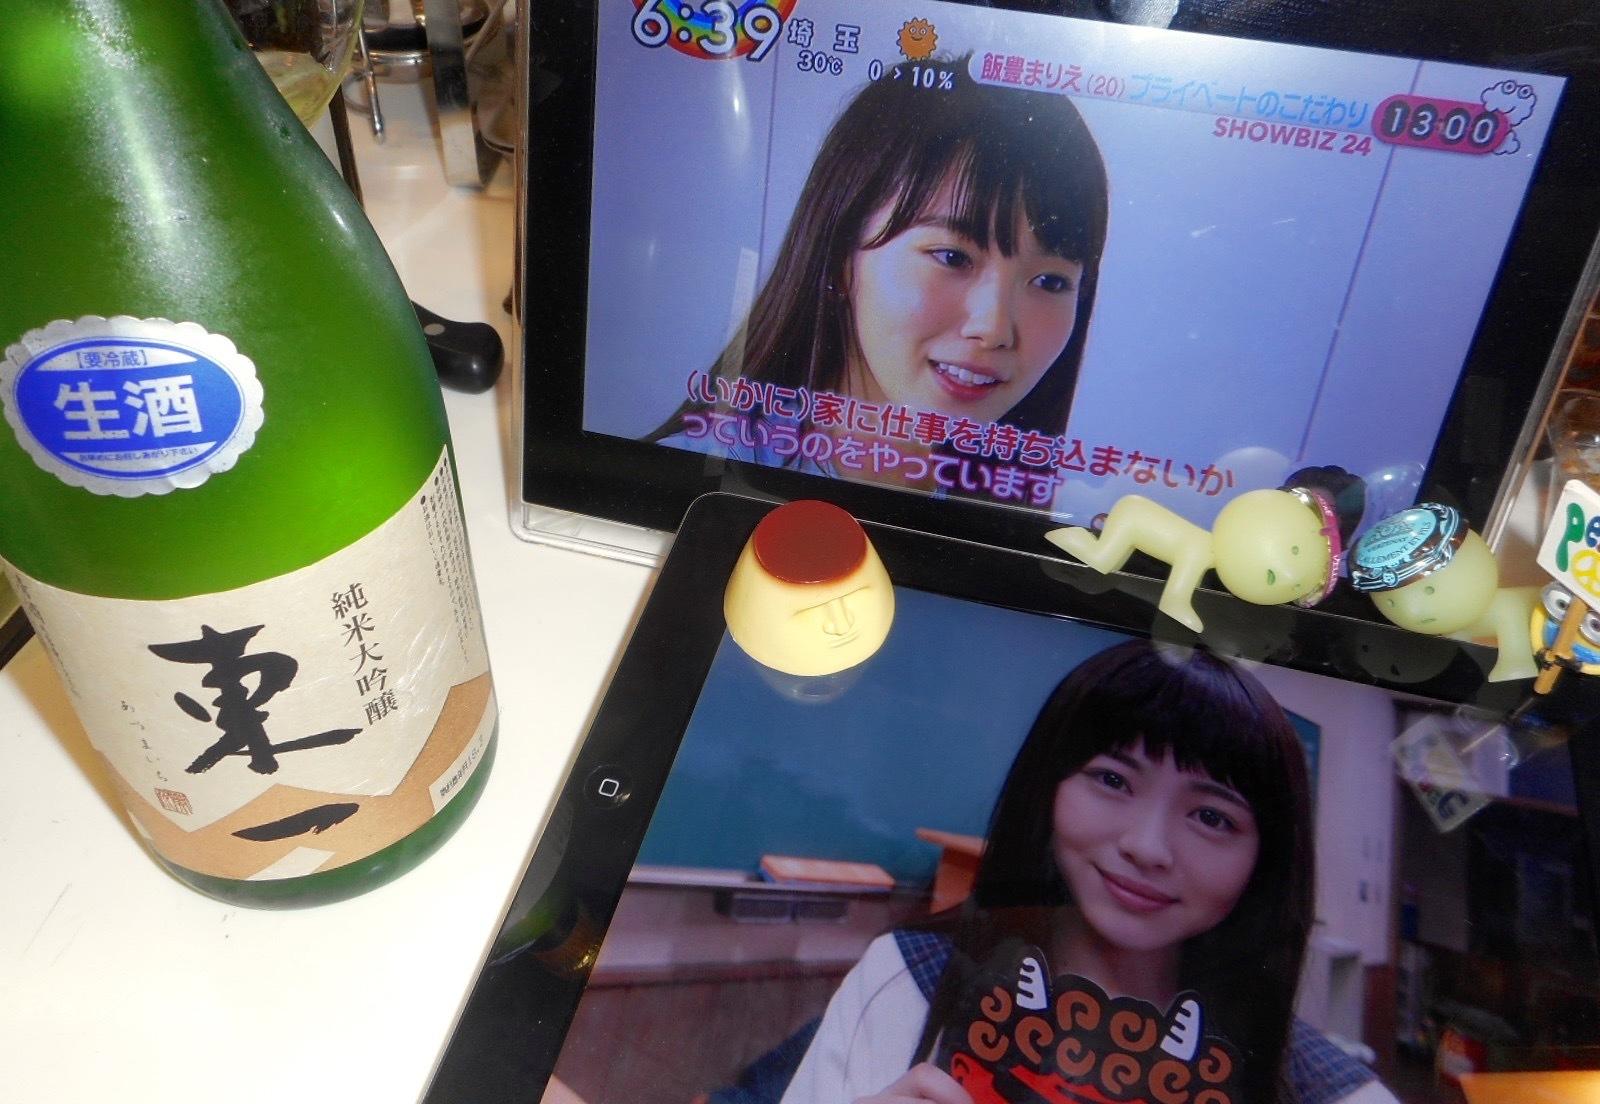 azumaichi_jundai29by3.jpg